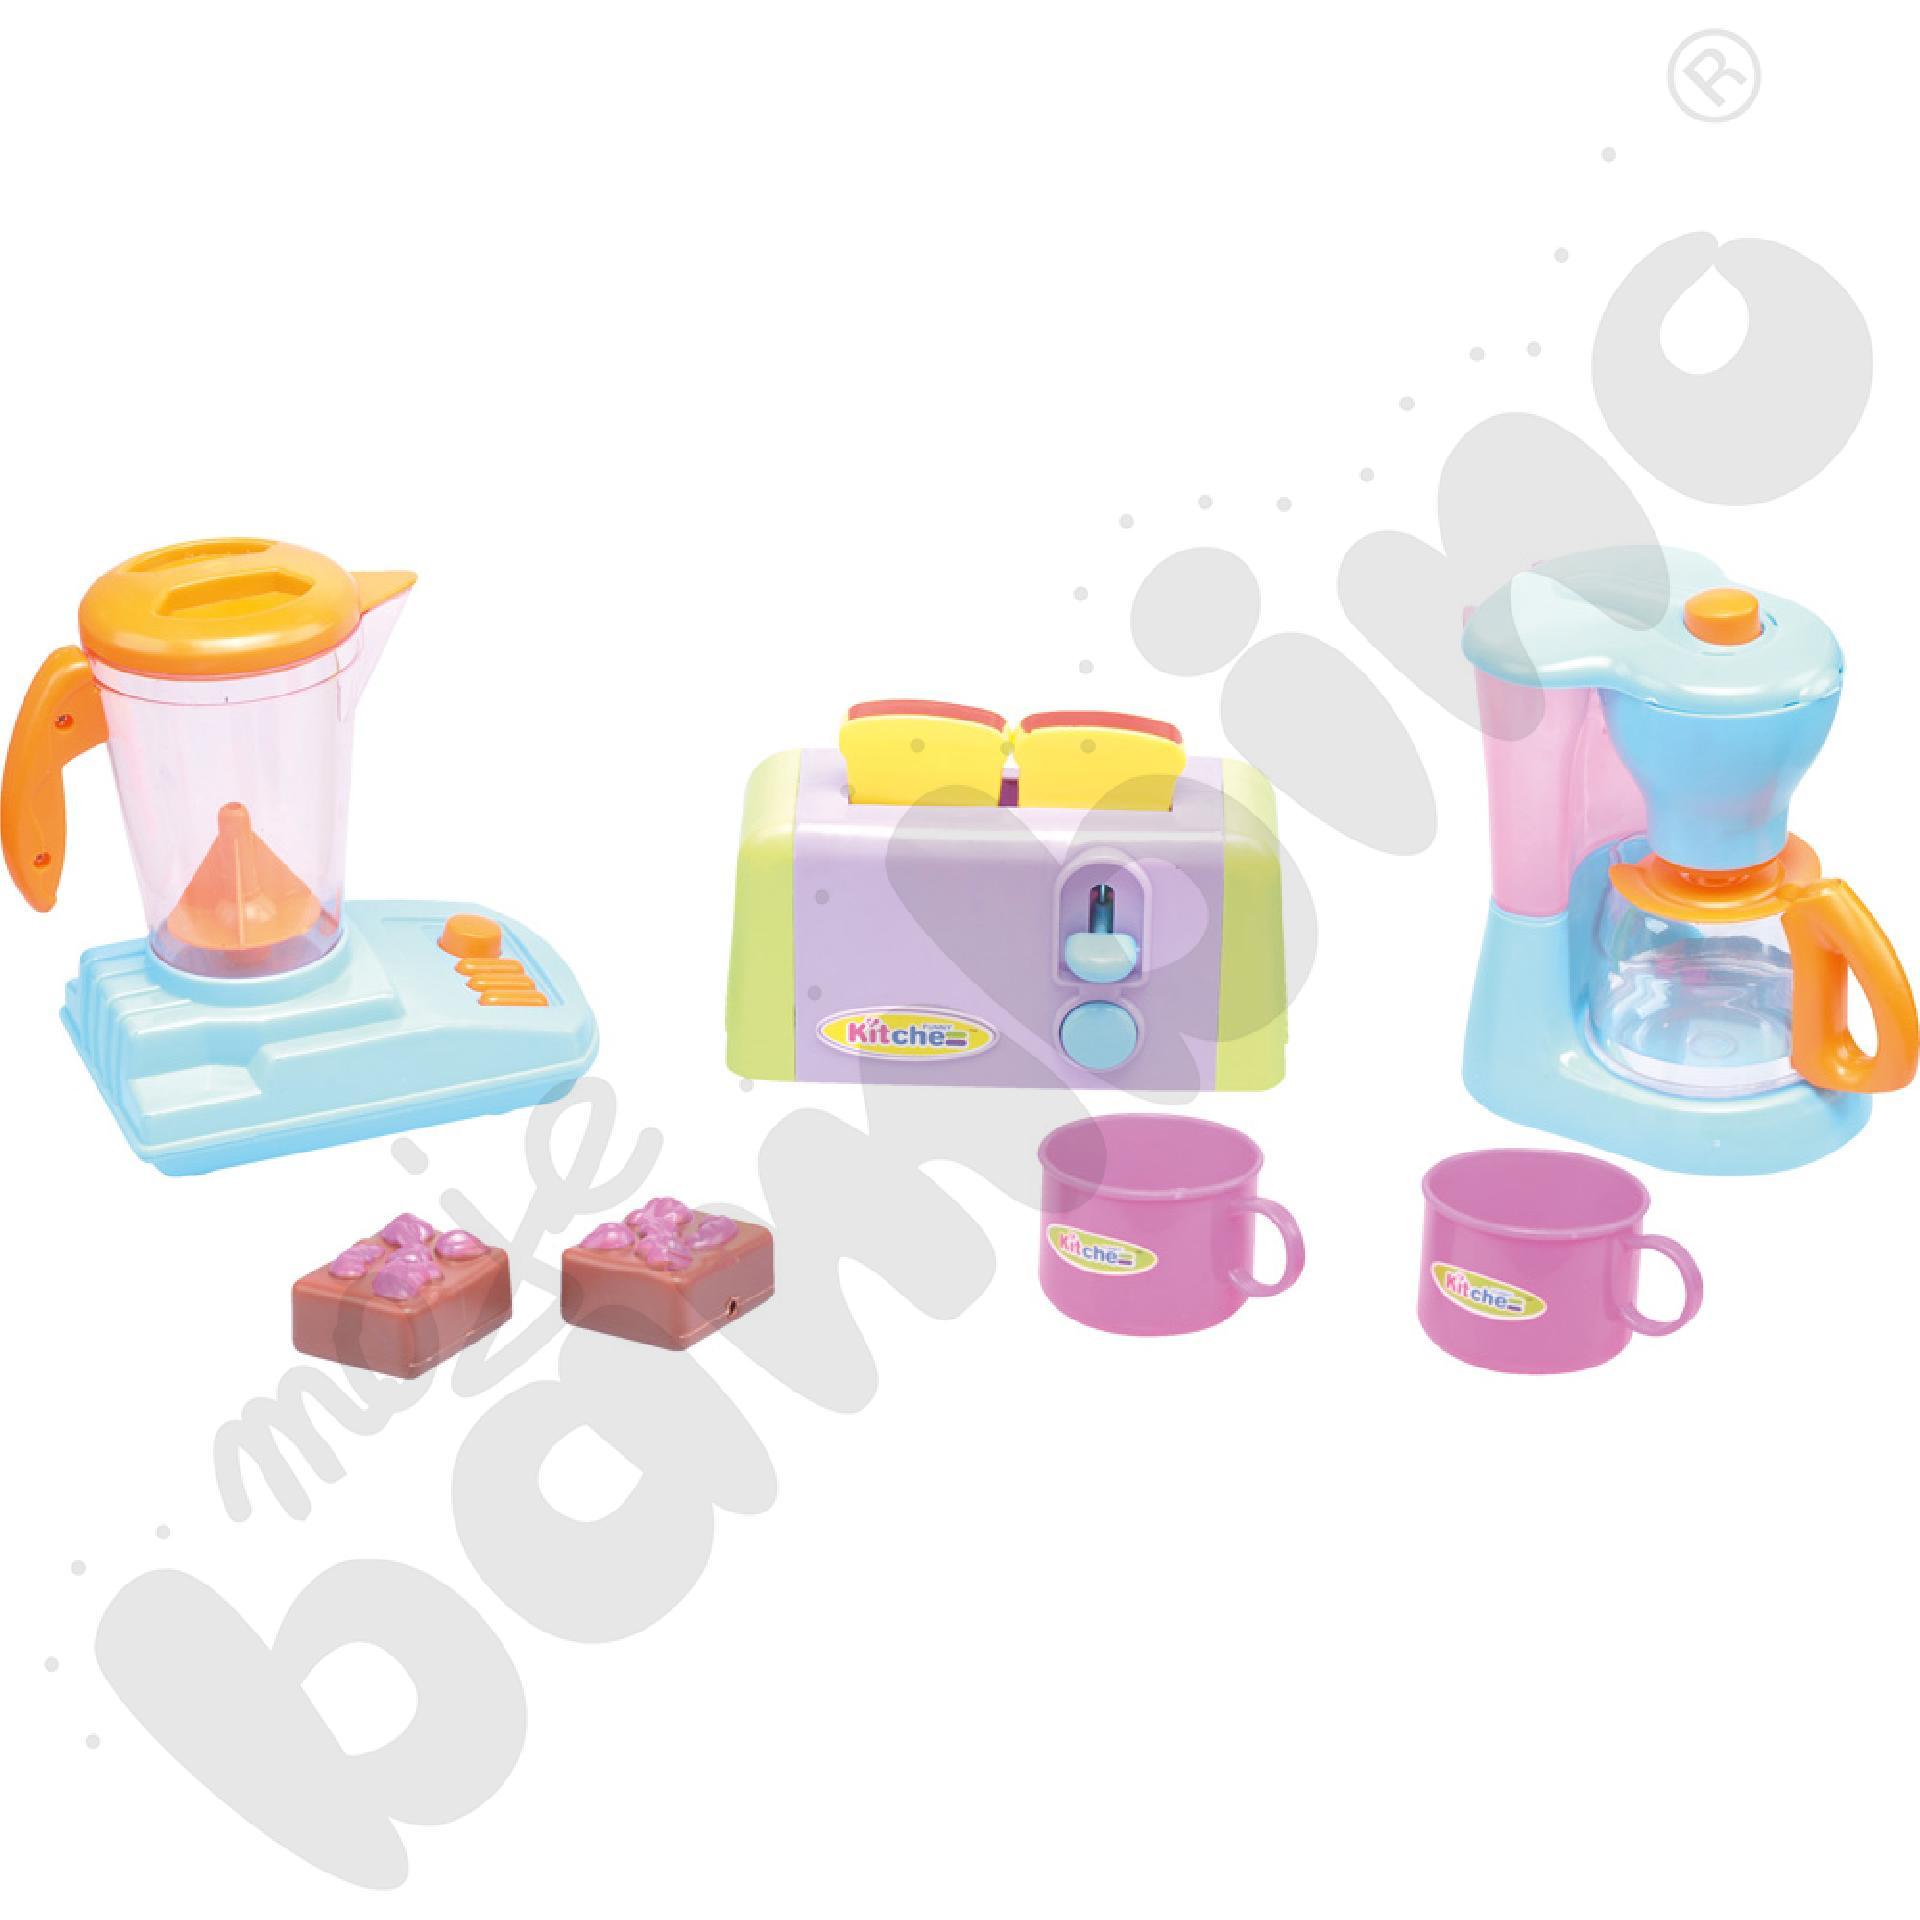 Mini kuchnia - zestaw śniadaniowy